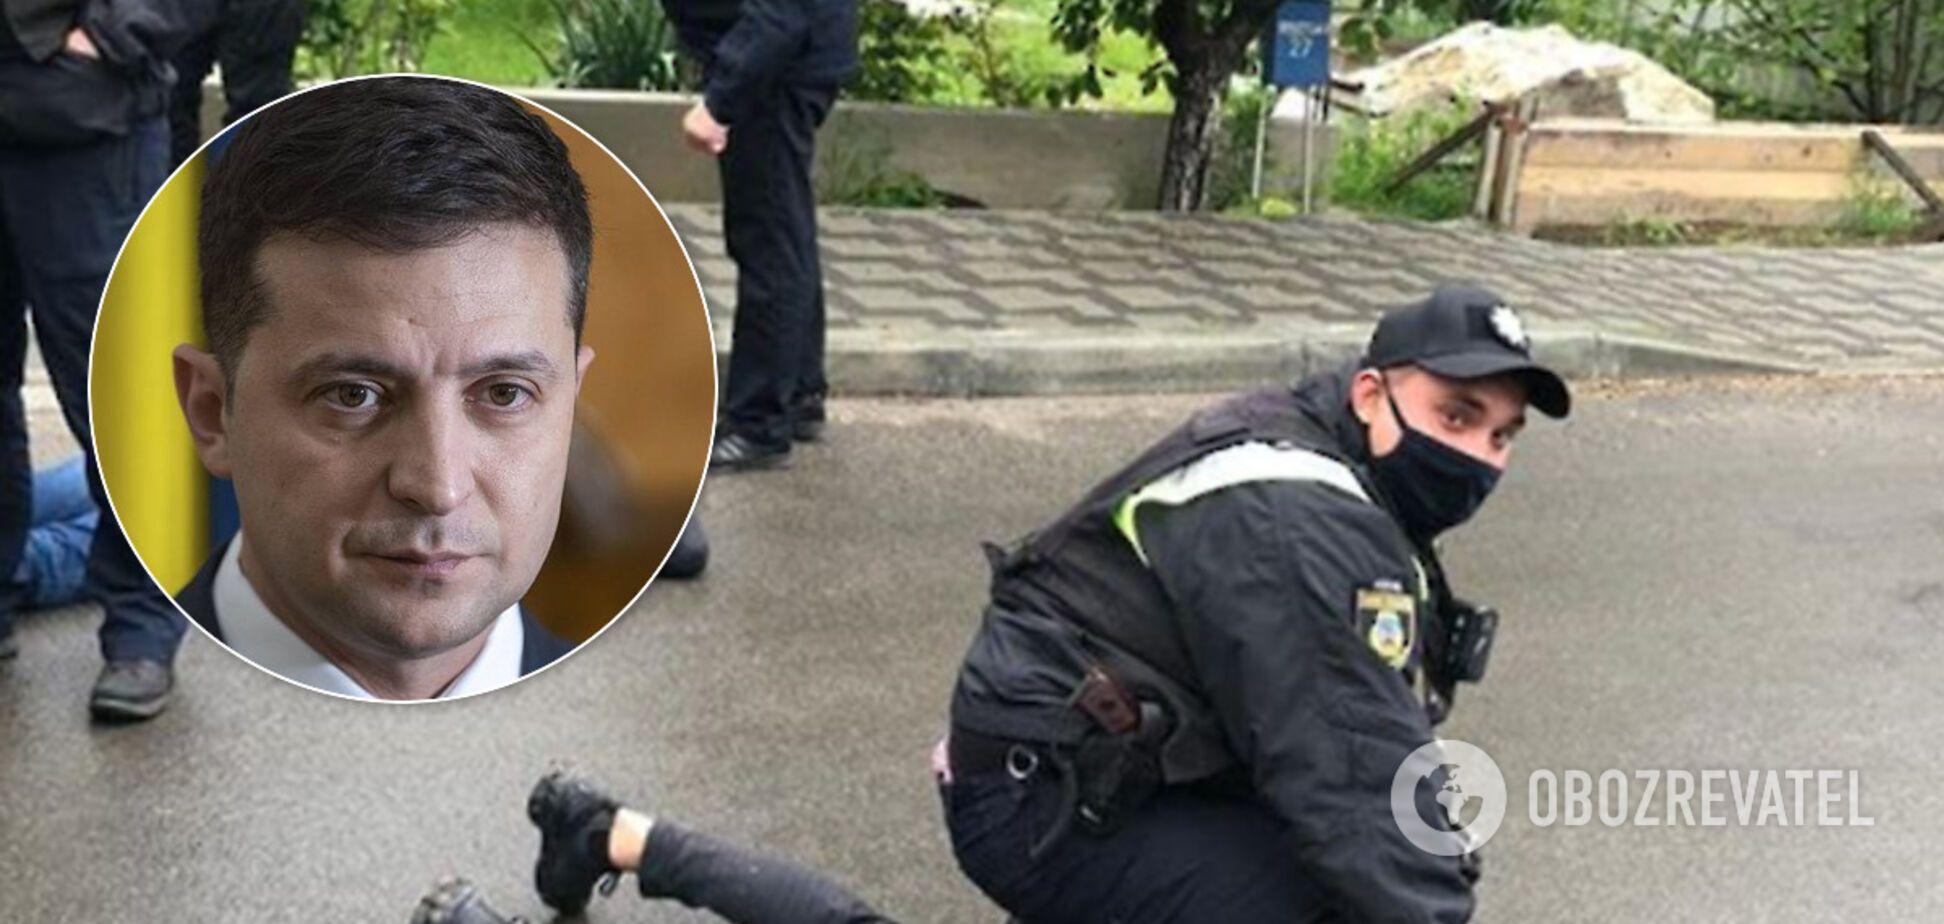 Зеленский отреагировал на стрельбу в Броварах и вызвал Авакова. Видео